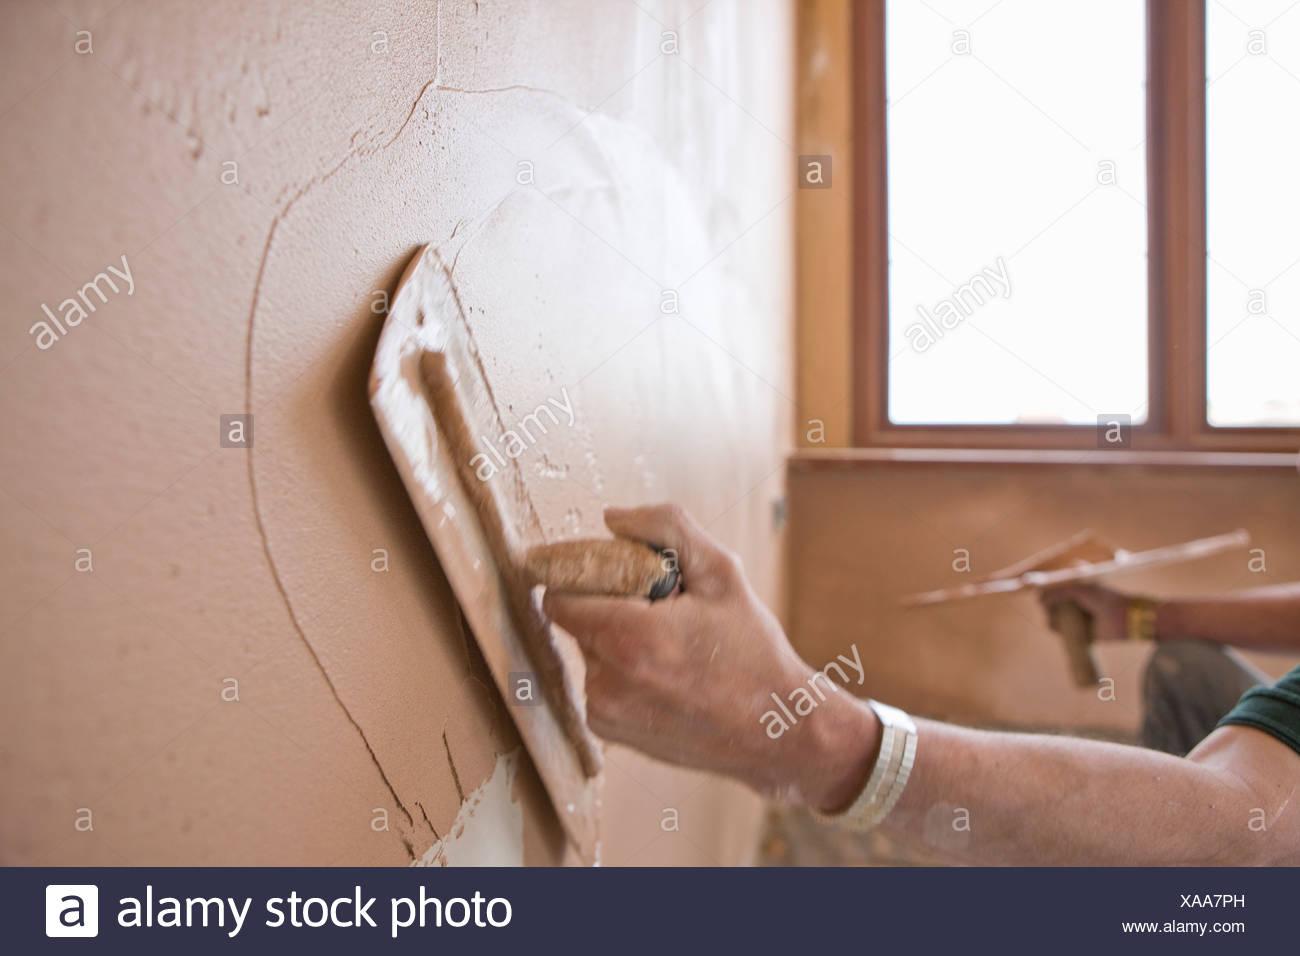 Man Verputzen Wand mit Kelle Stockfoto, Bild: 281738089 - Alamy